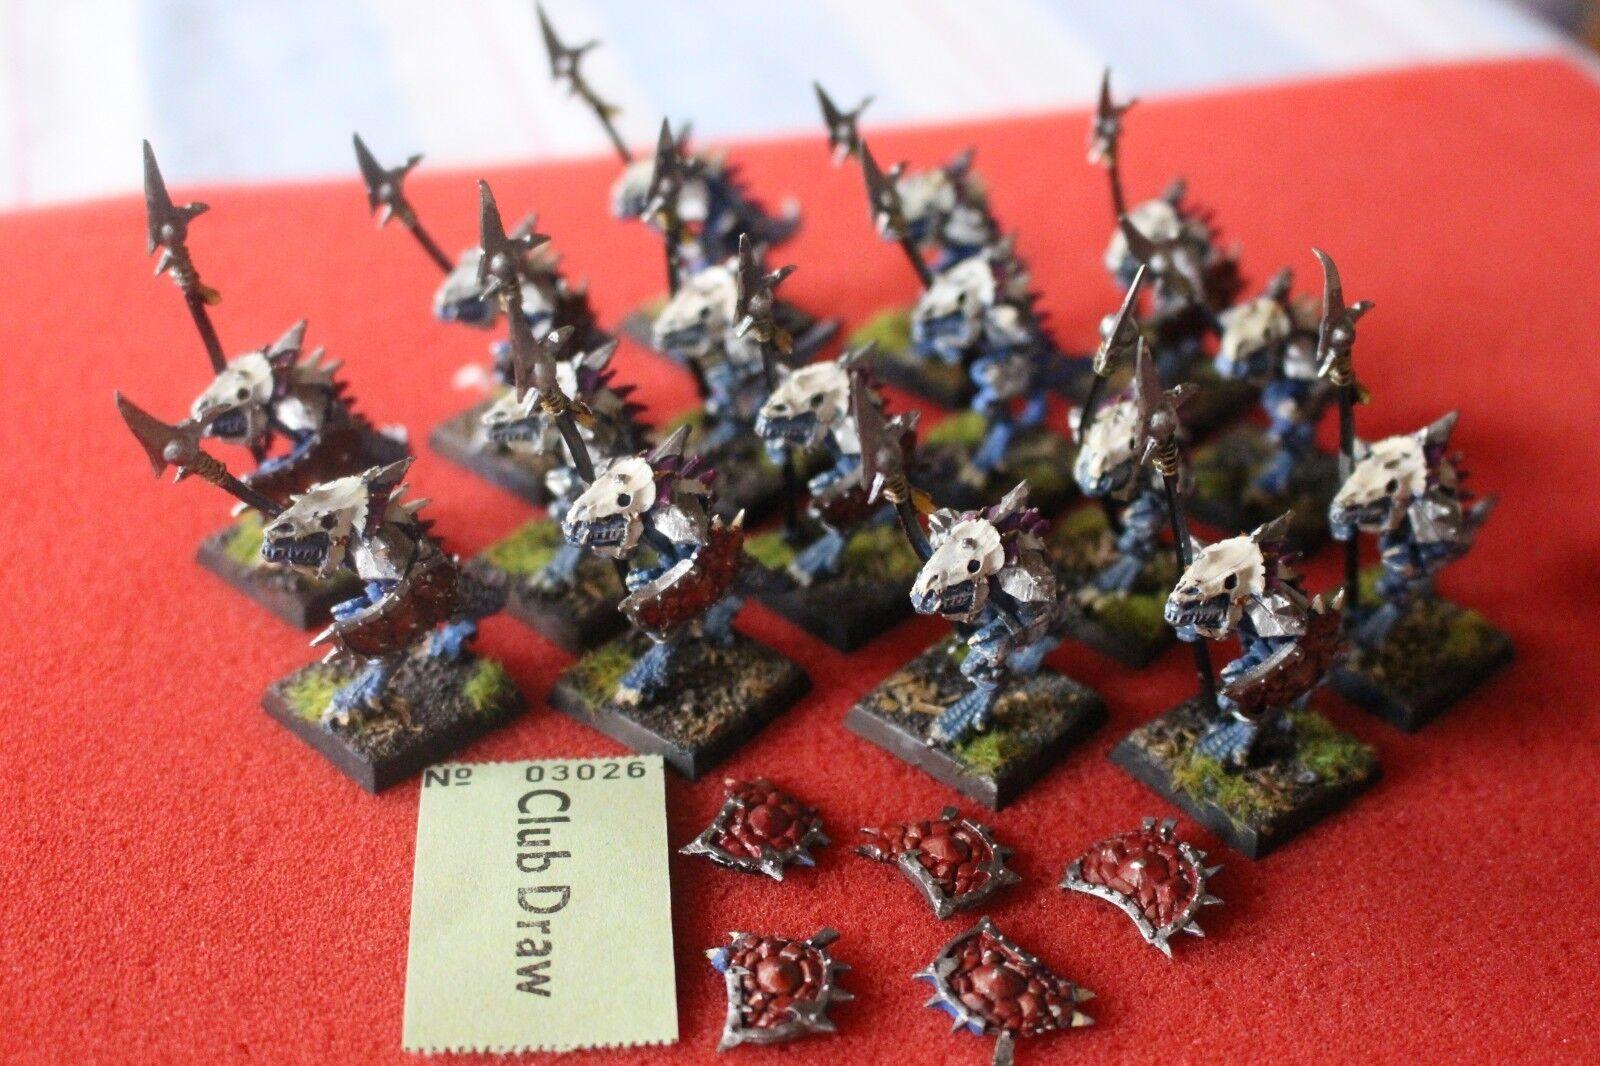 Games Workshop Warhammer Lizardmen Saurus Temple Guards Regiment Metal Army OOP